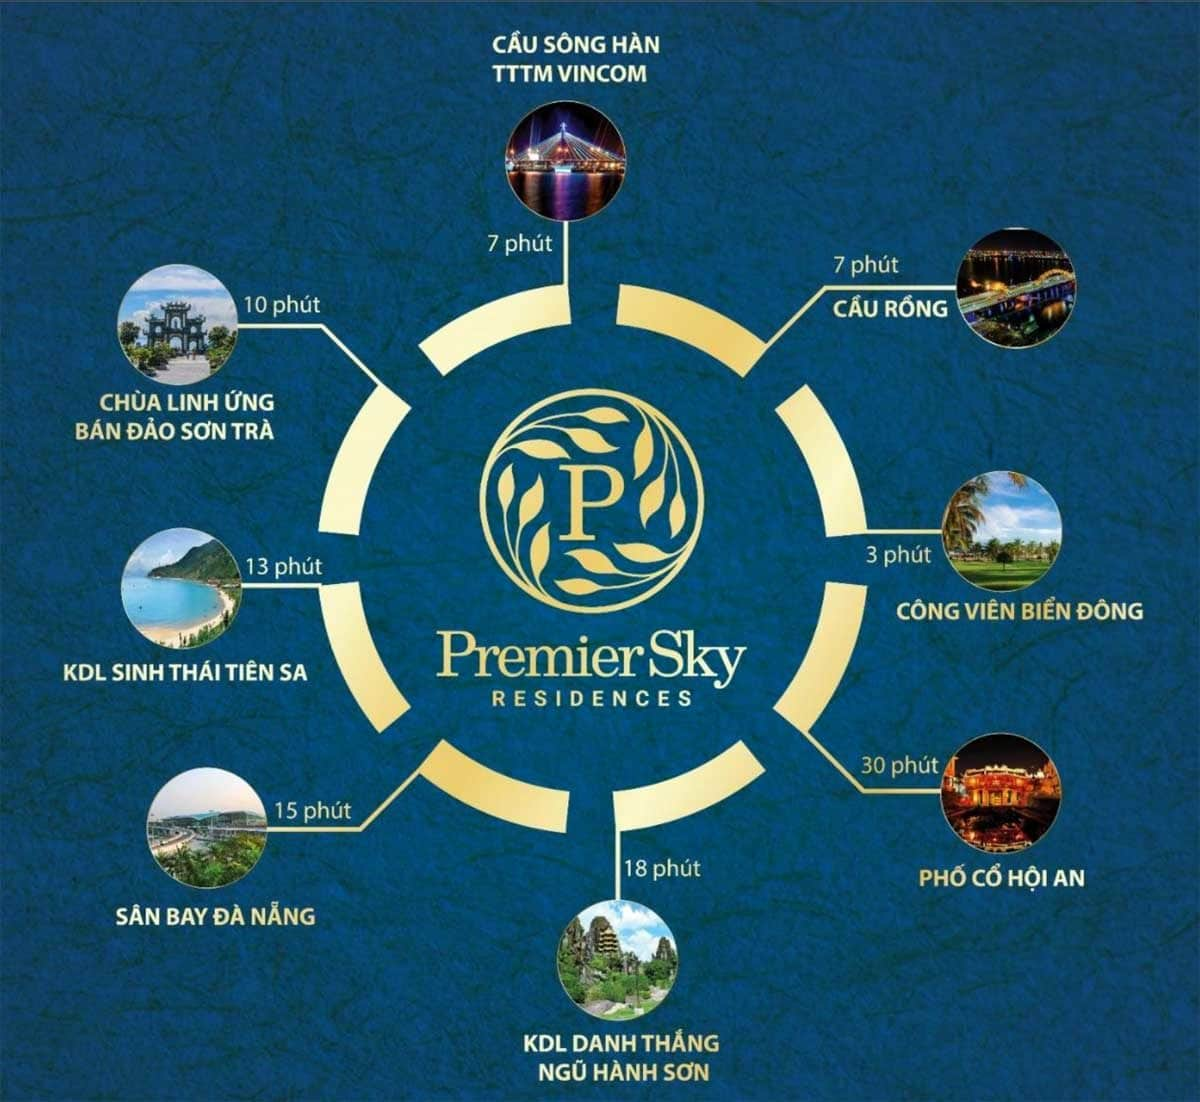 Tiện ích liên kết vùng Dự án Căn hộ Premier Sky Residences Đà Nẵng